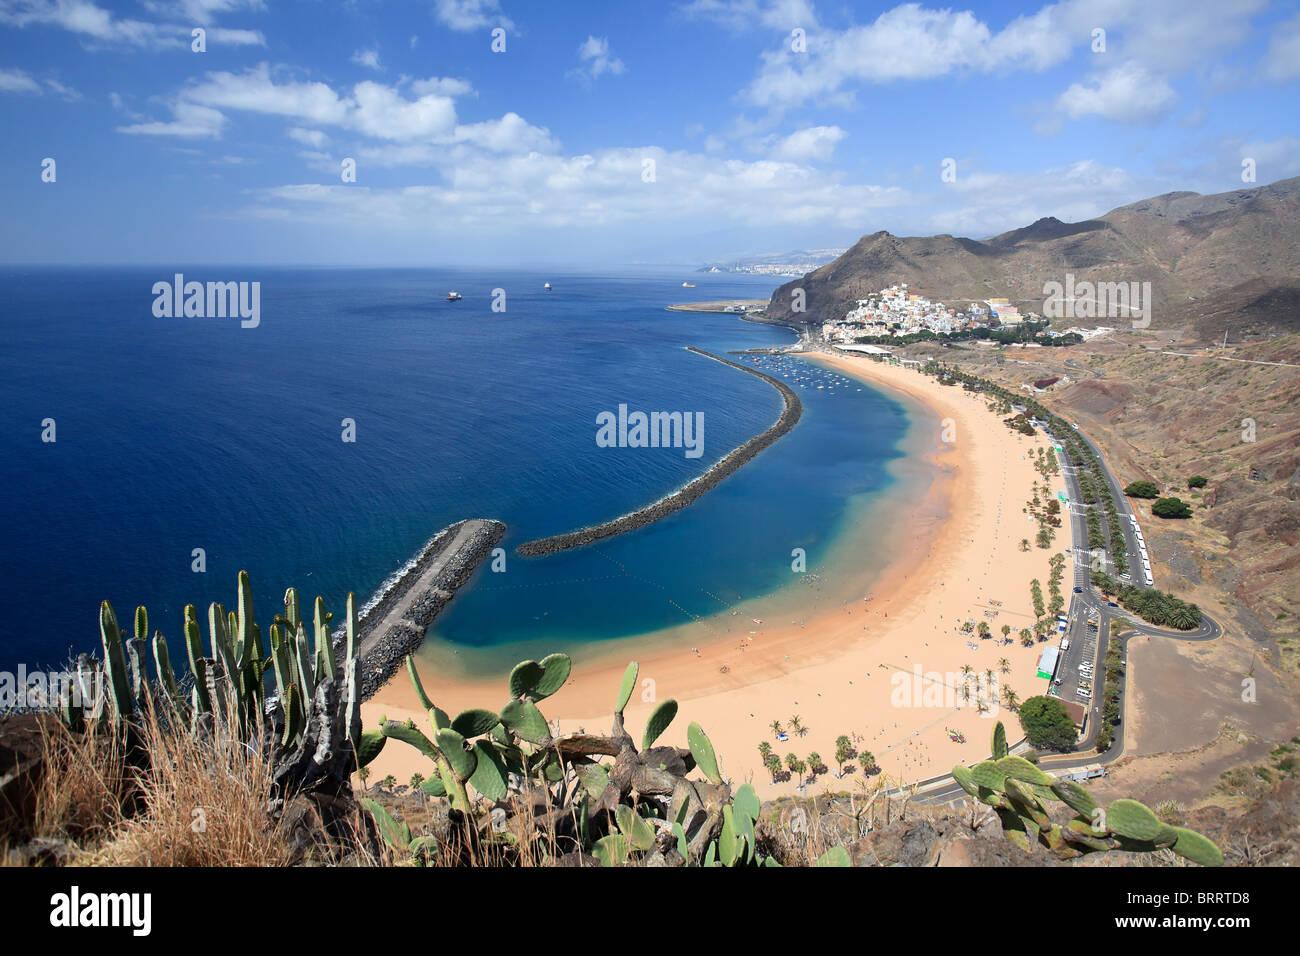 Islas Canarias, Tenerife, Playa de Las Teresitas Imagen De Stock